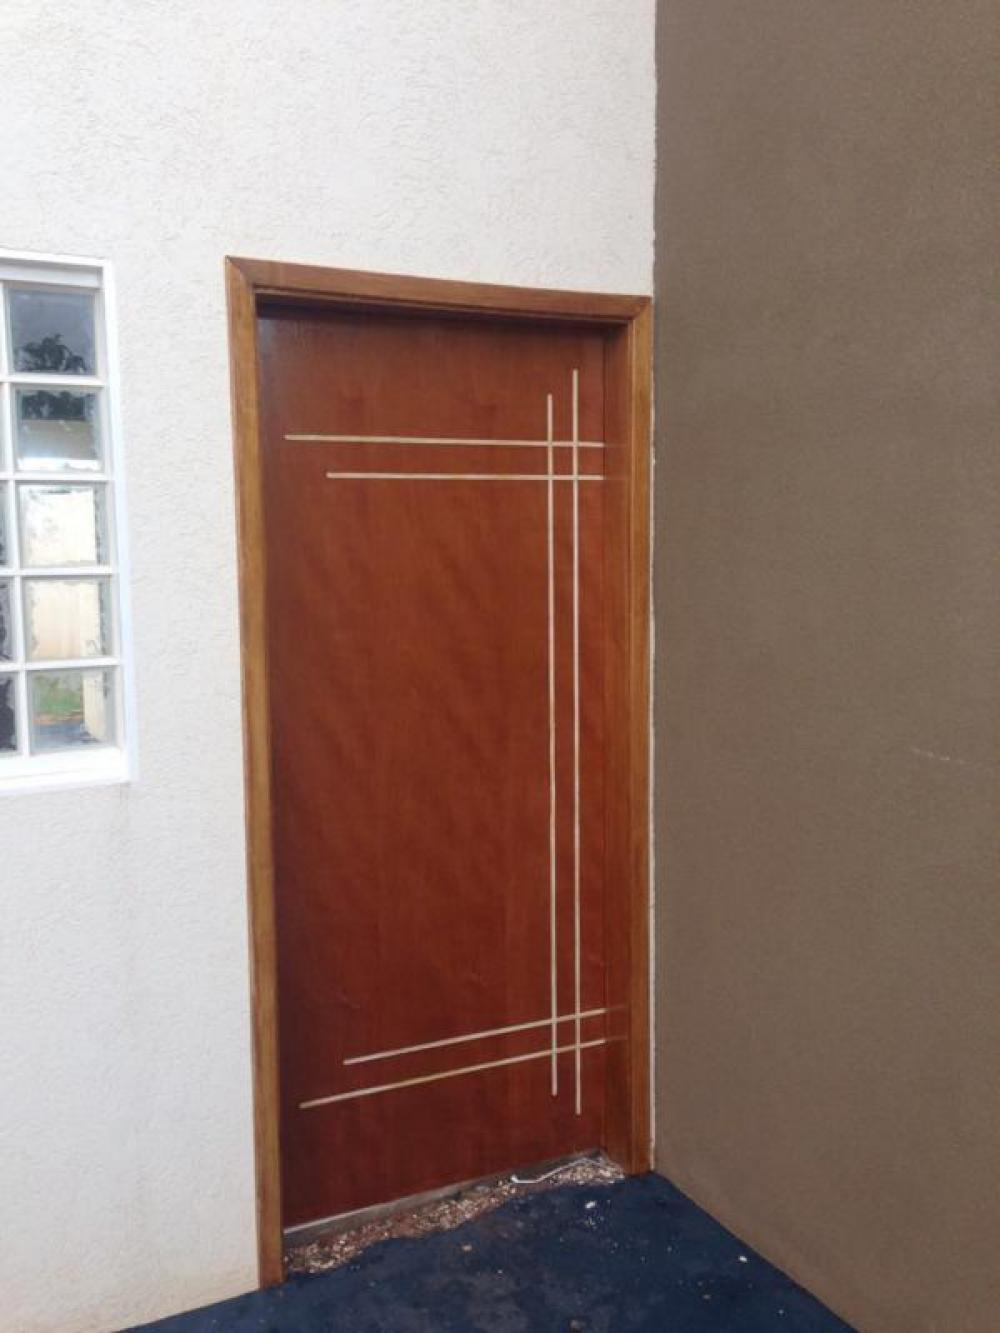 Comprar Casa / Padrão em São José do Rio Preto R$ 220.000,00 - Foto 10